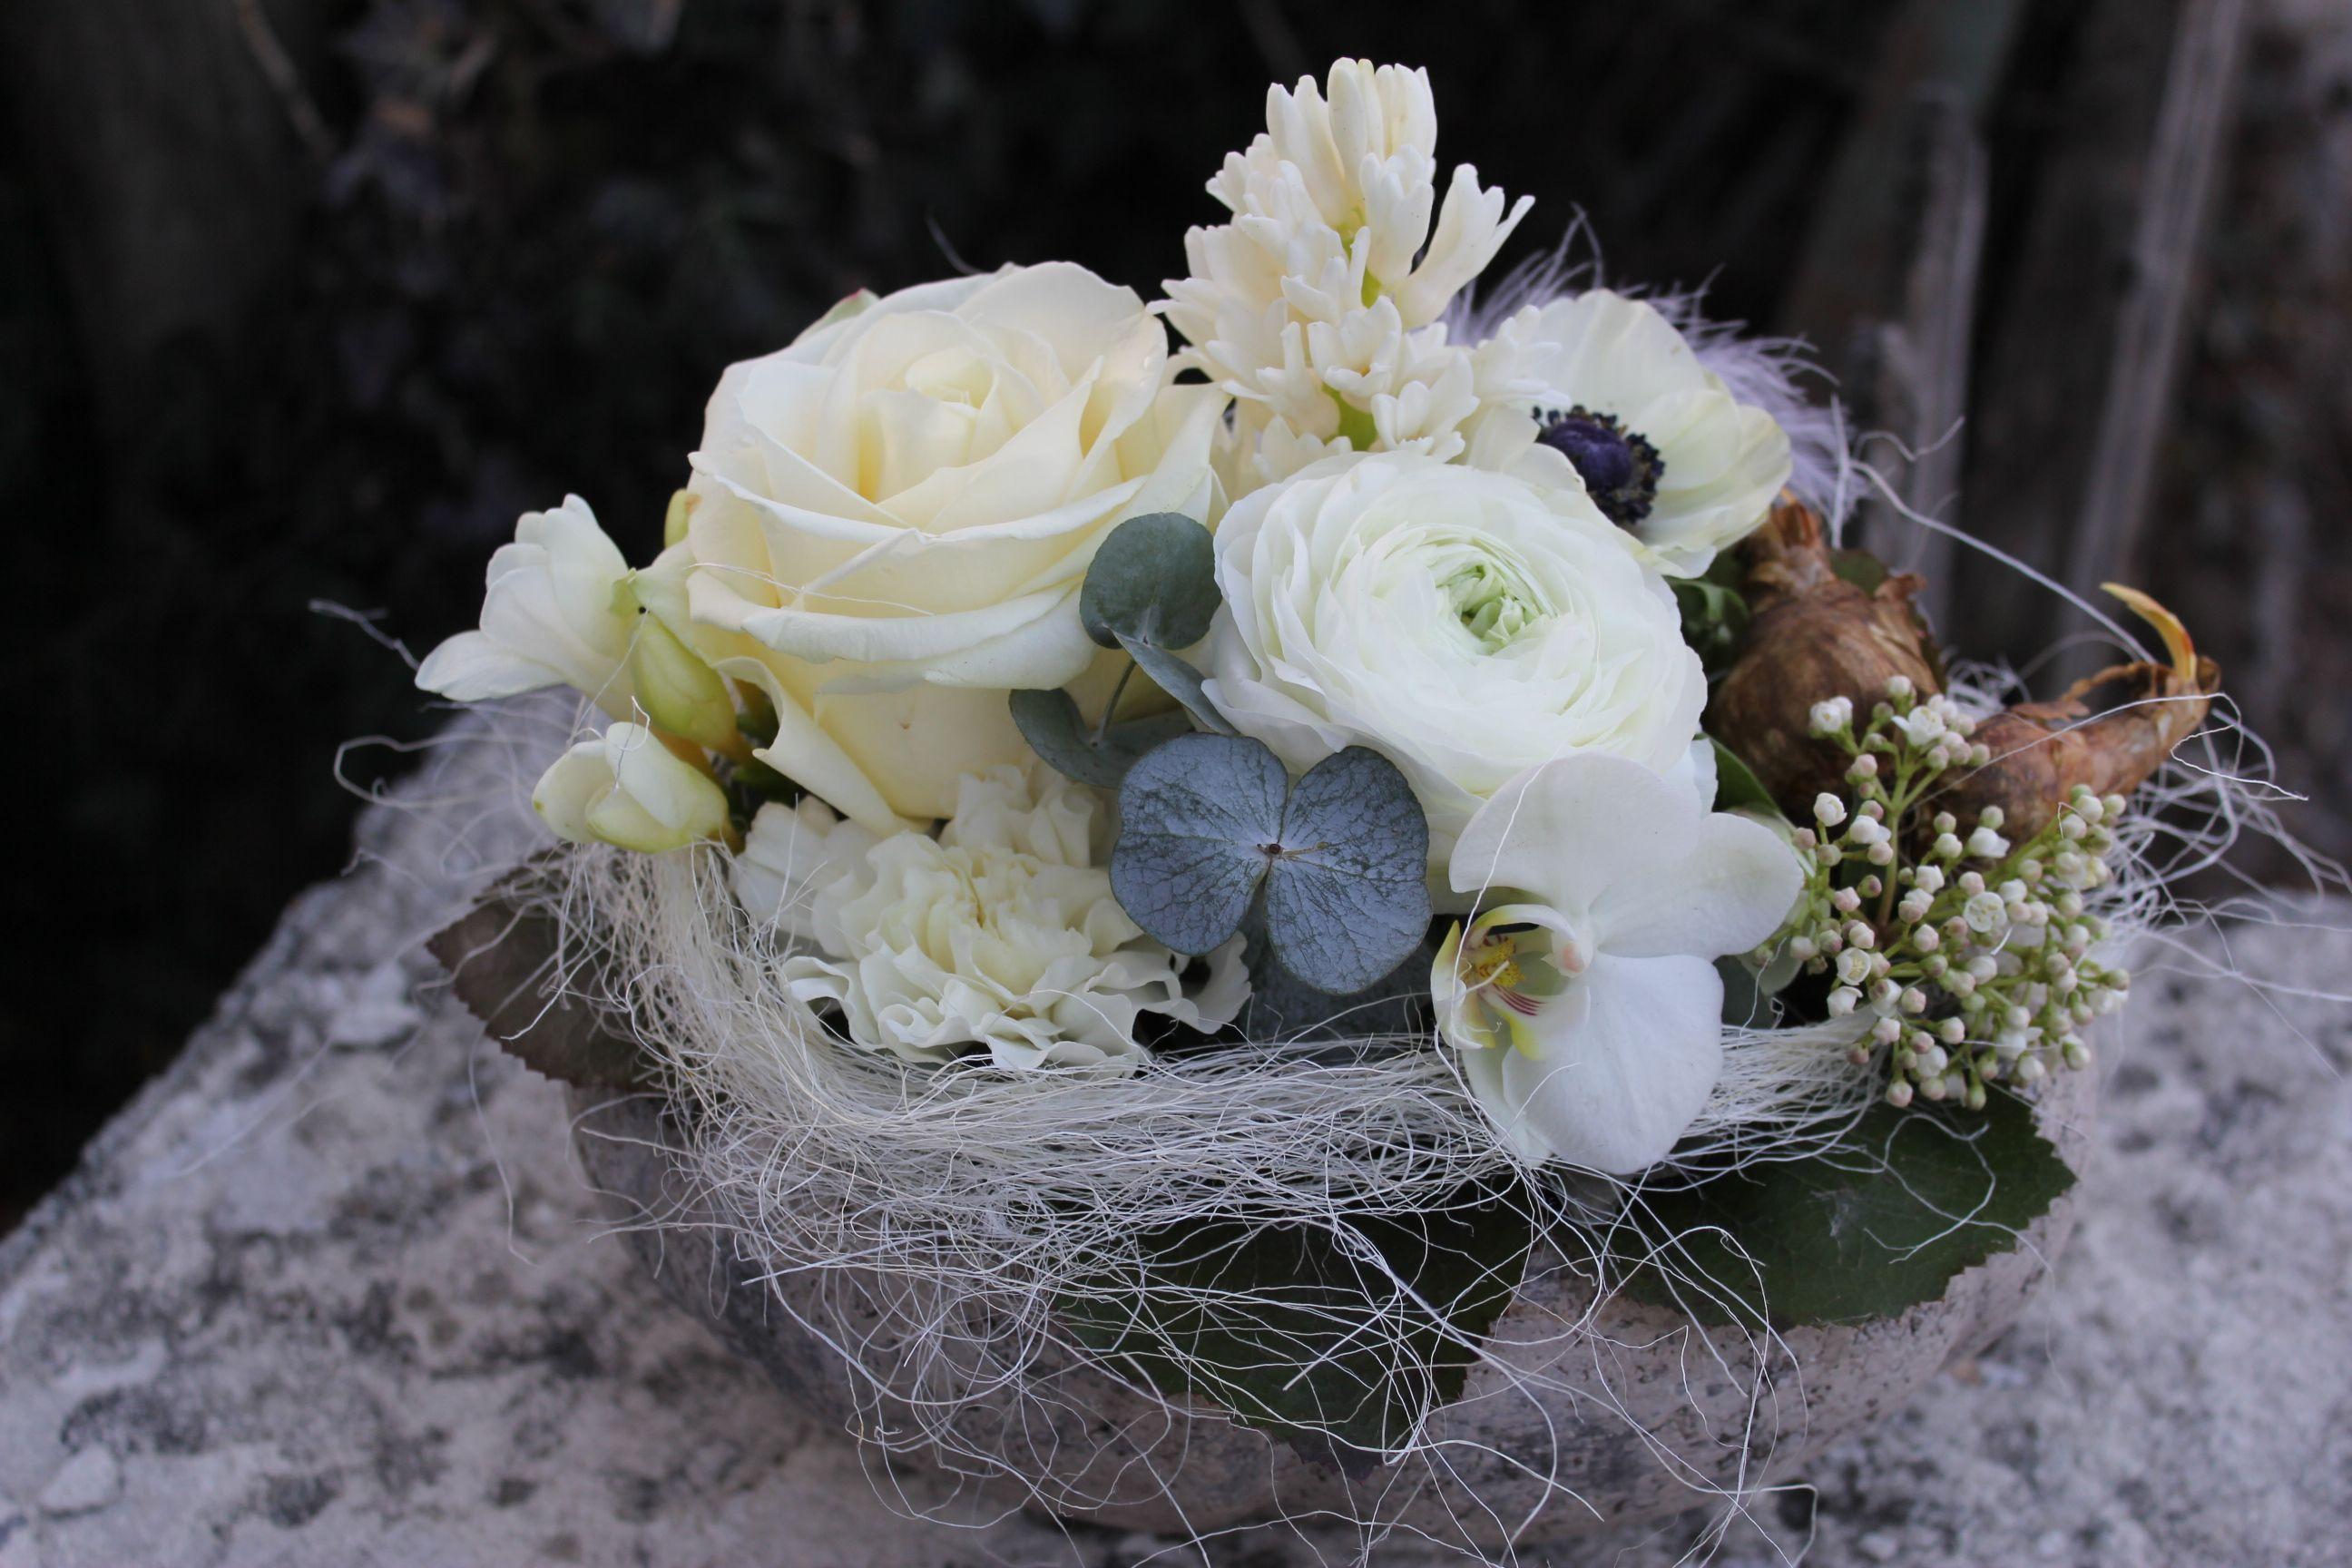 Deko Flora Line blumengesteck weiss floristik blumengestecke weiss